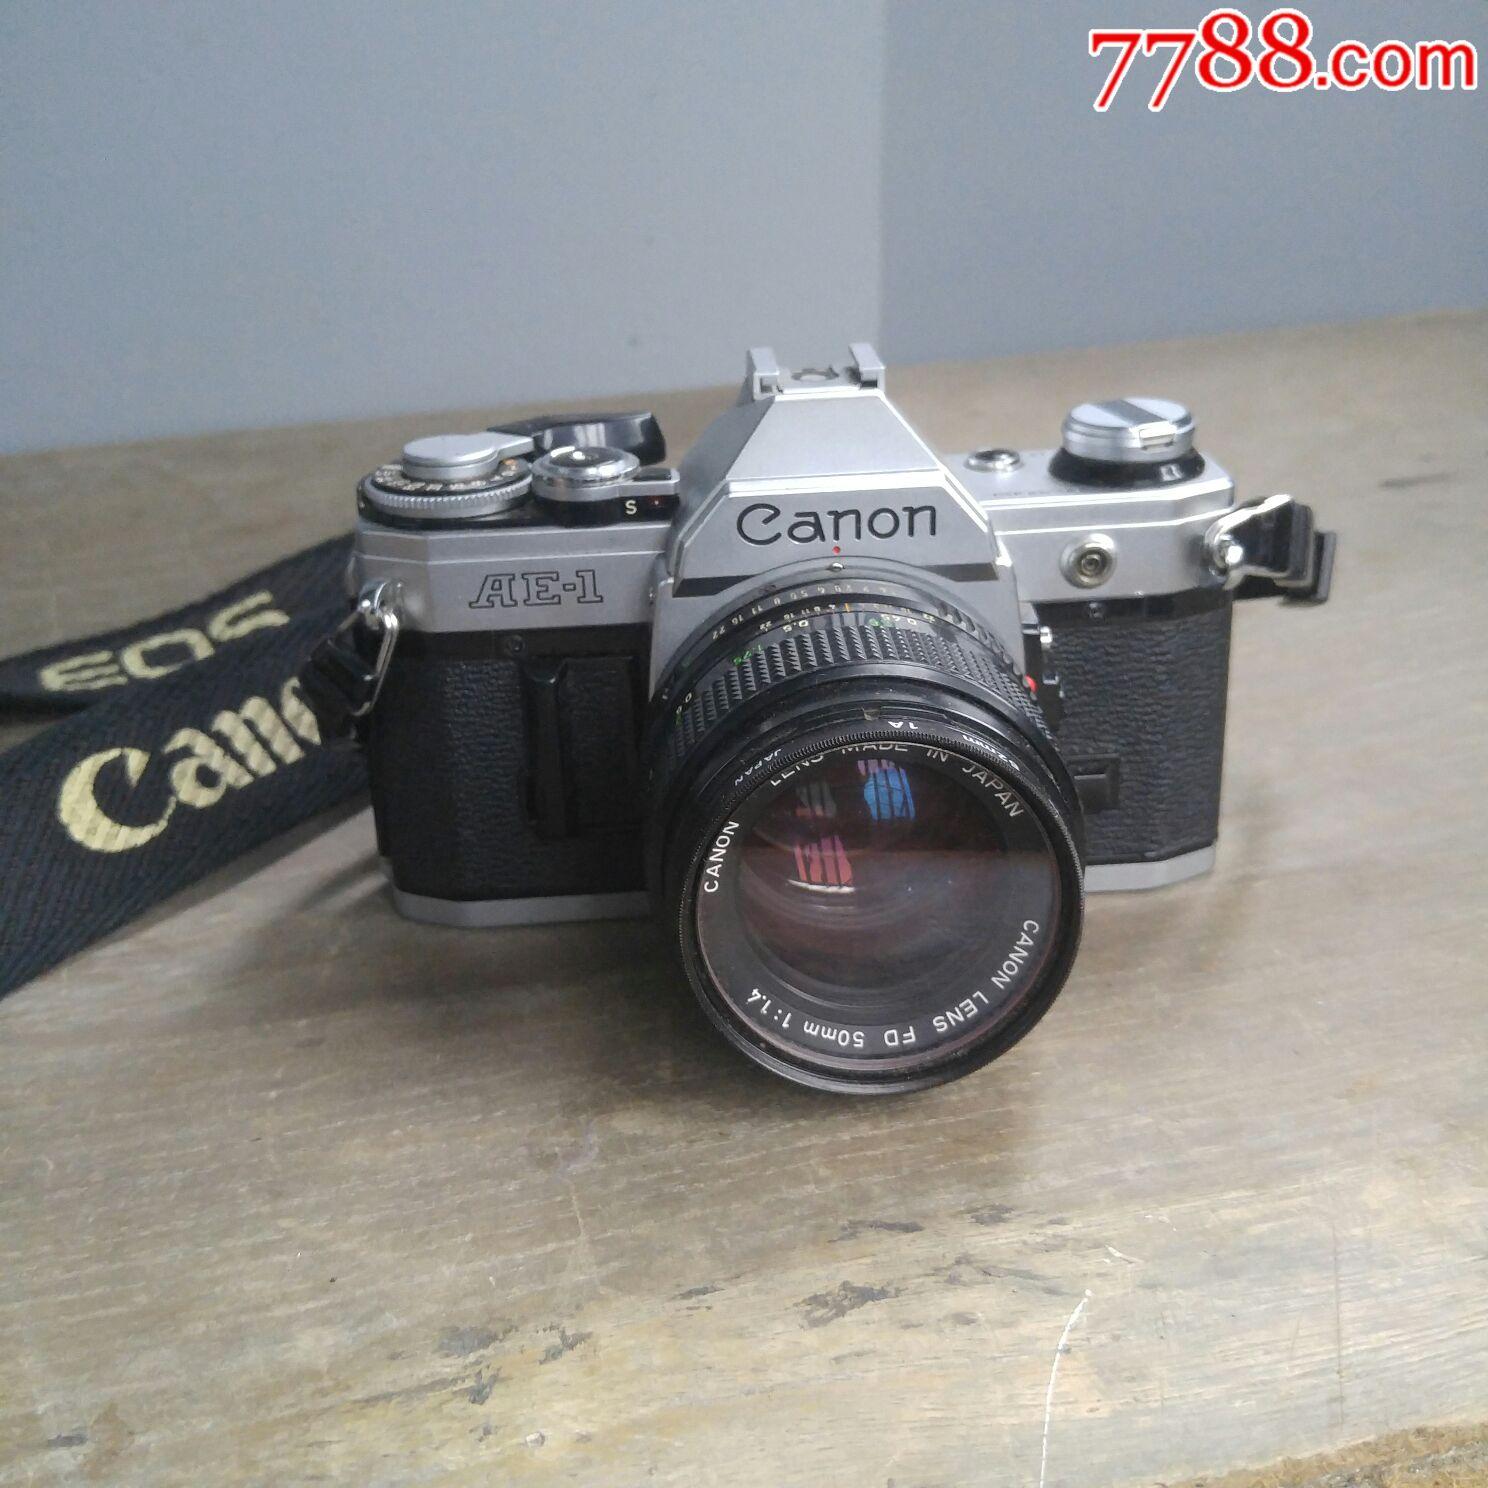 佳能AE-1单反相机_价格635元_第1张_